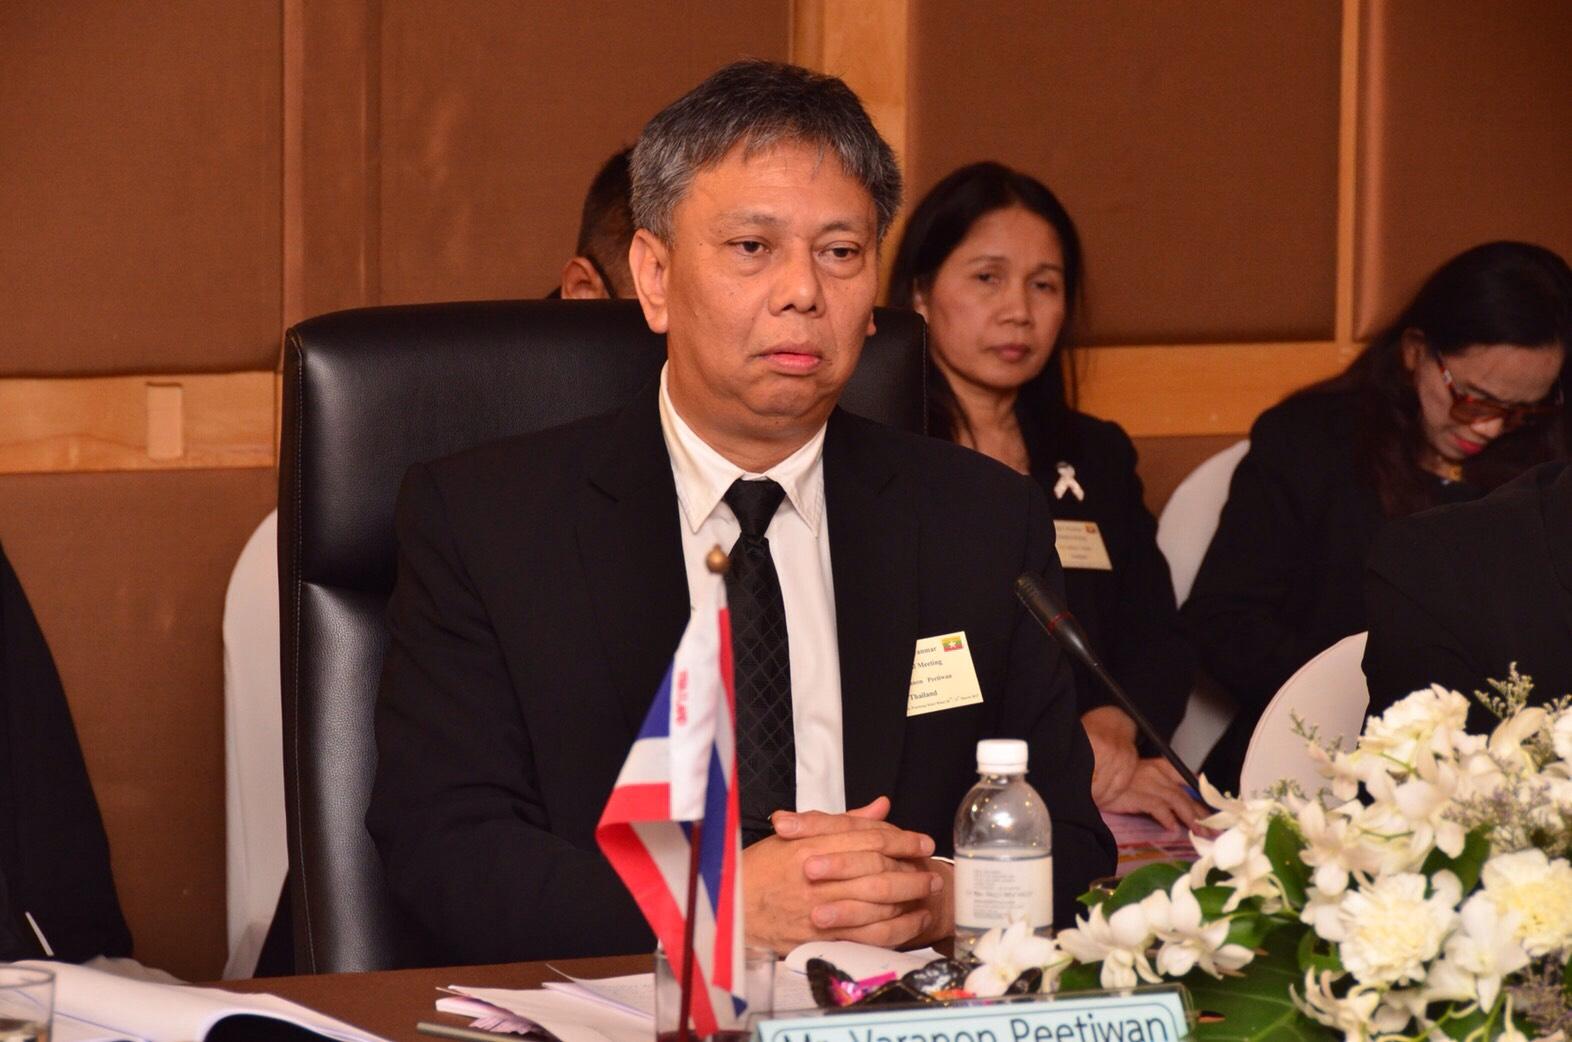 การประชุมระดับ  วิชาการ ไทย-เมียนมา  โดยมี นายวรานนท์ ปีติวรรณ อธิบดีกรมการจัดหางาน เป็นหัว  หน้าคณะผู้แทนฝ่ายไทย